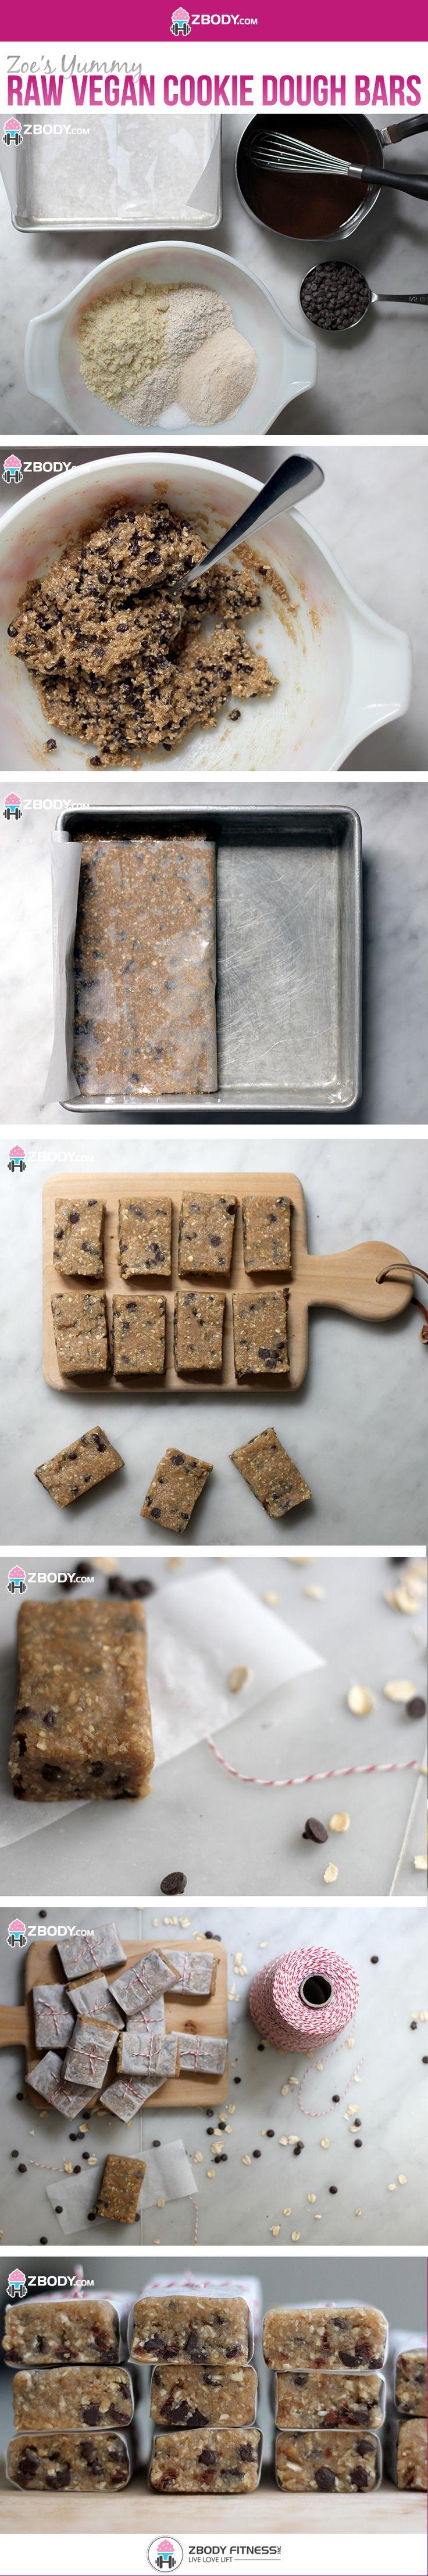 Zoe's Raw Vegan Cookie Dough Bars #Vegan #CookieDoughBars #HealthyRecipes #ZbodyFitness